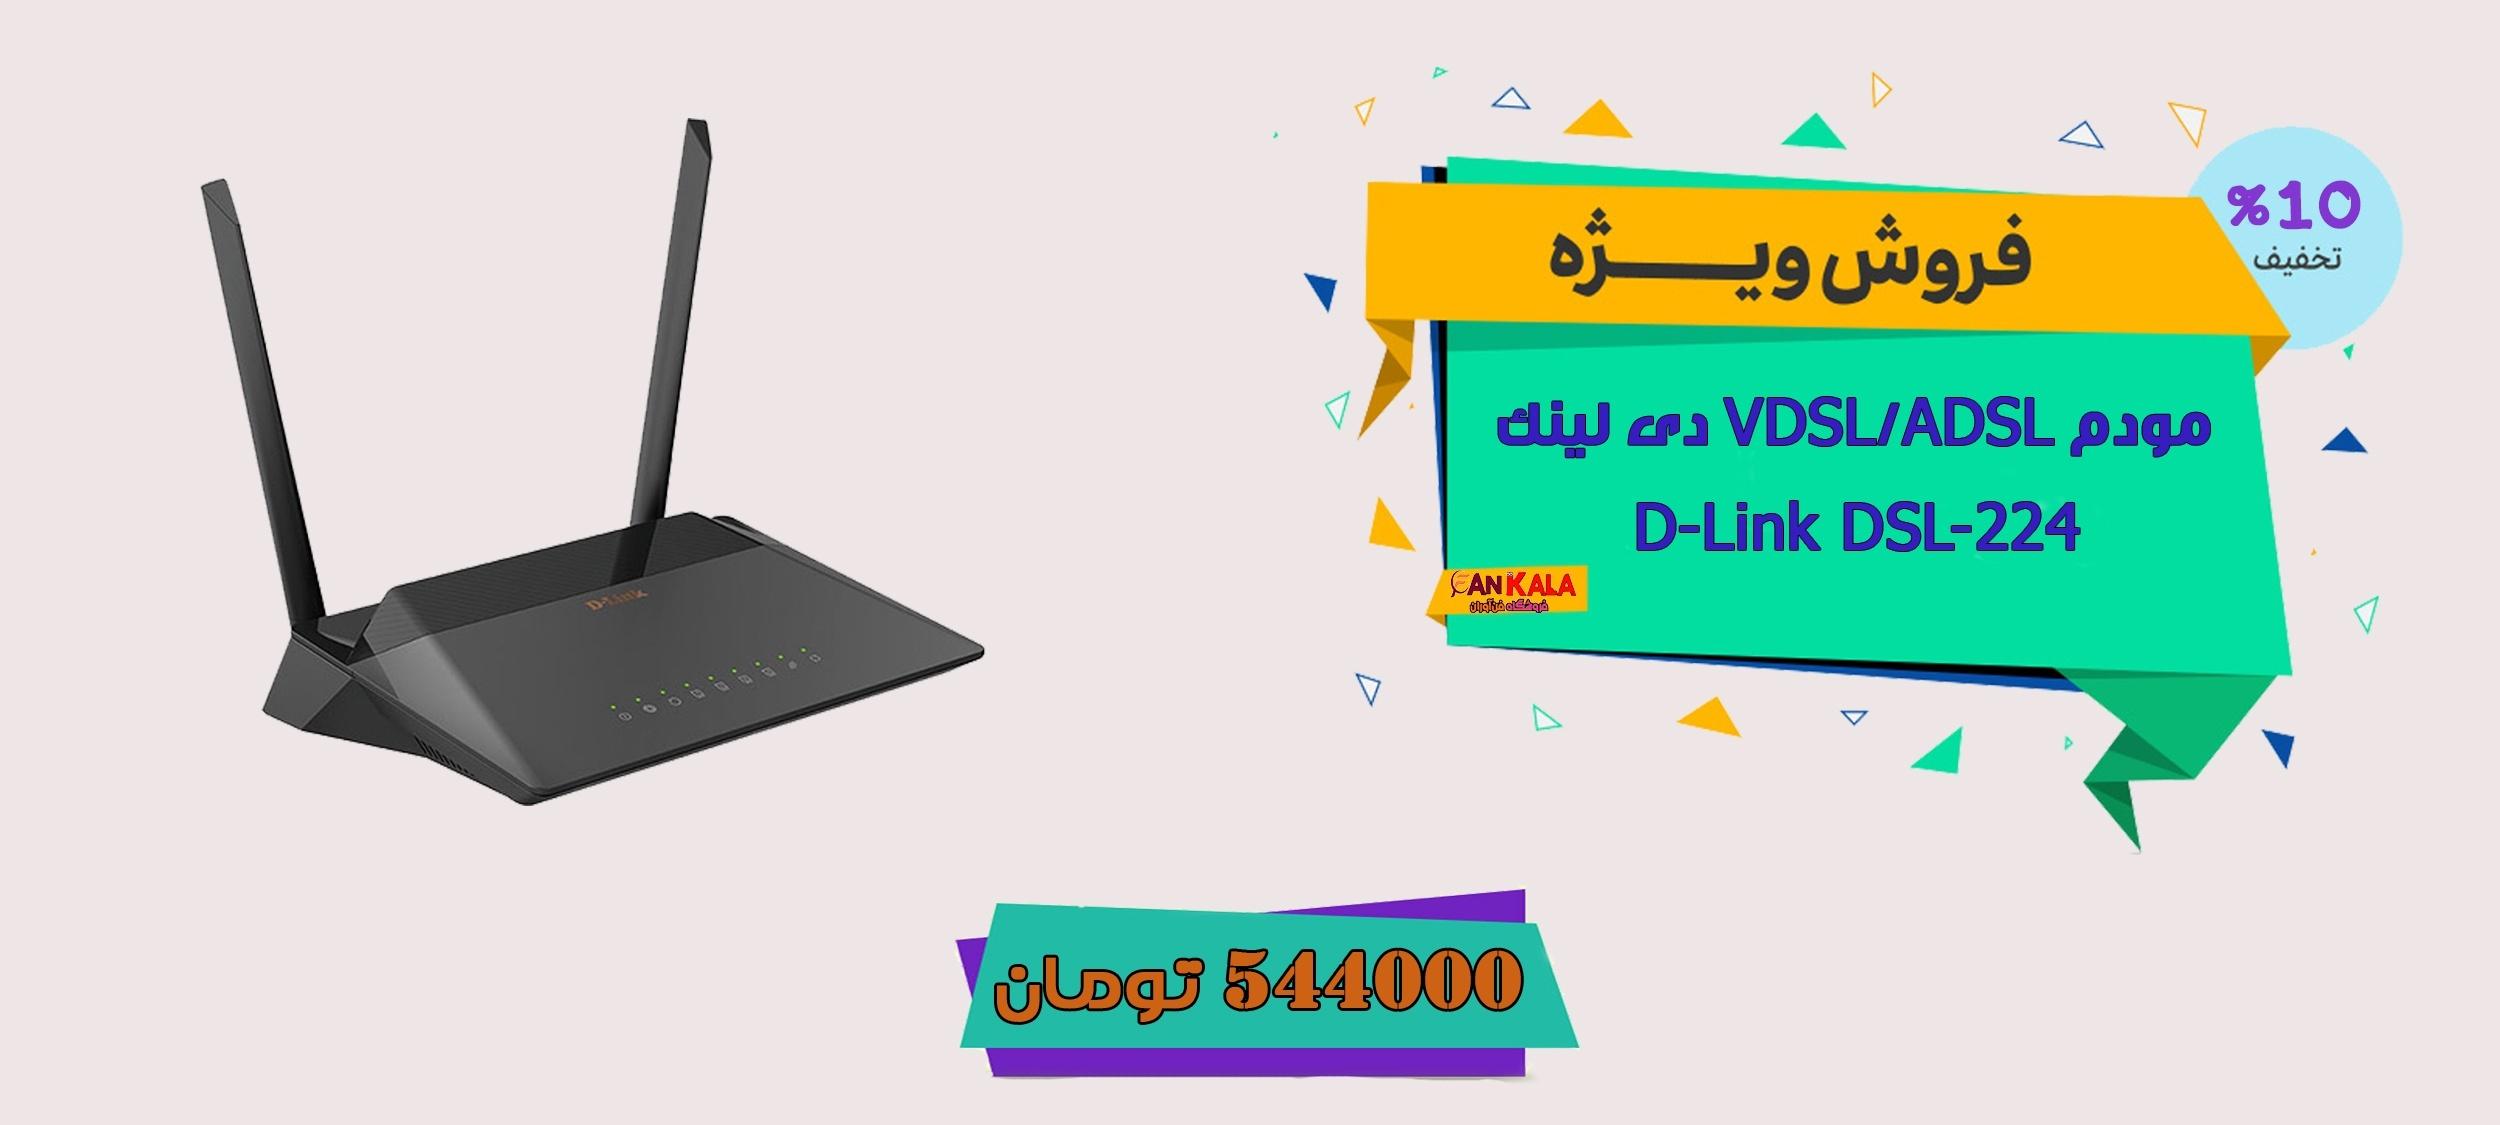 مودم VDSL/ADSL دی لینک